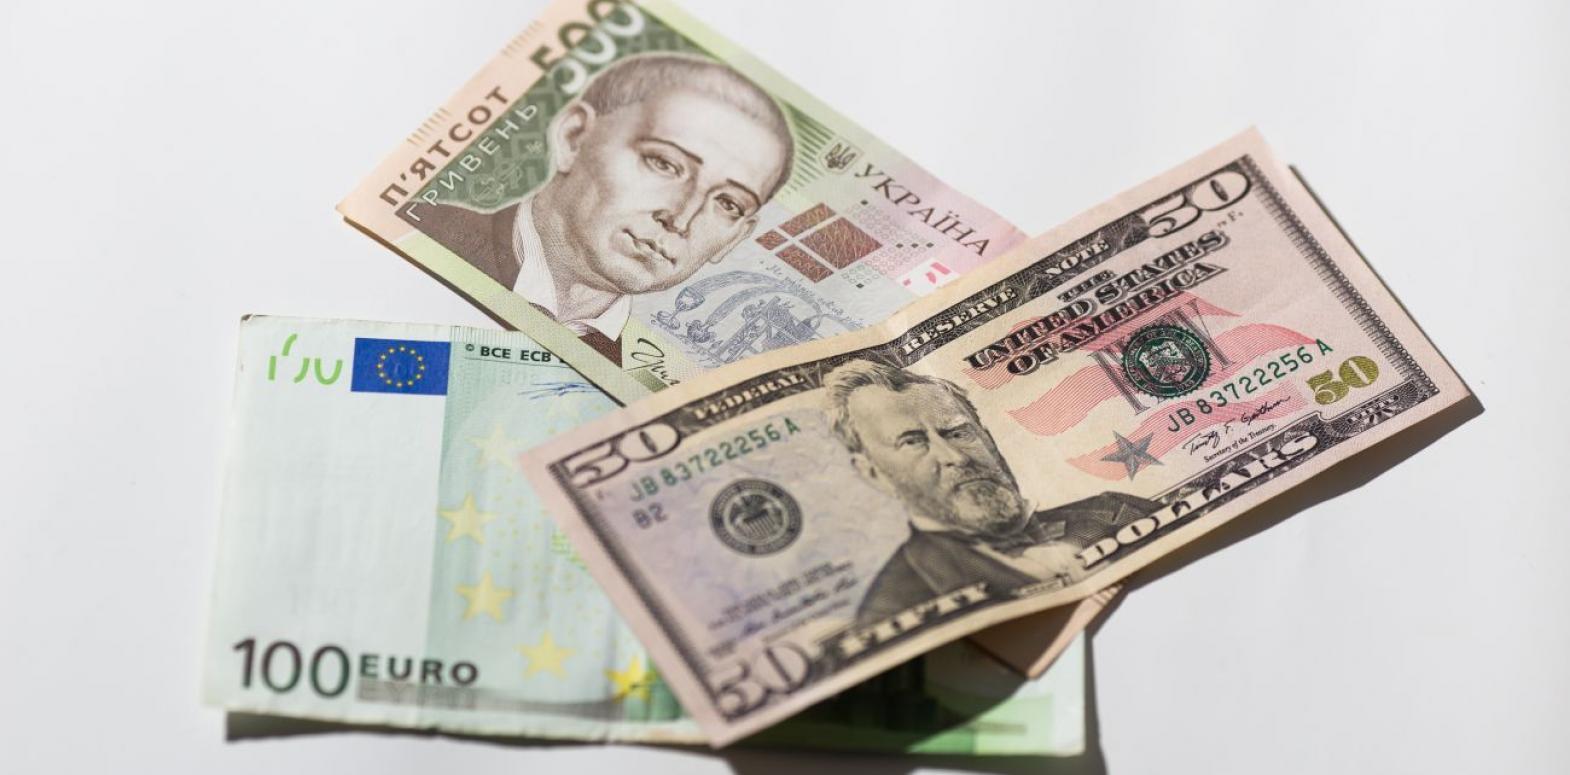 Цены в Украине в три раза ниже среднемировых